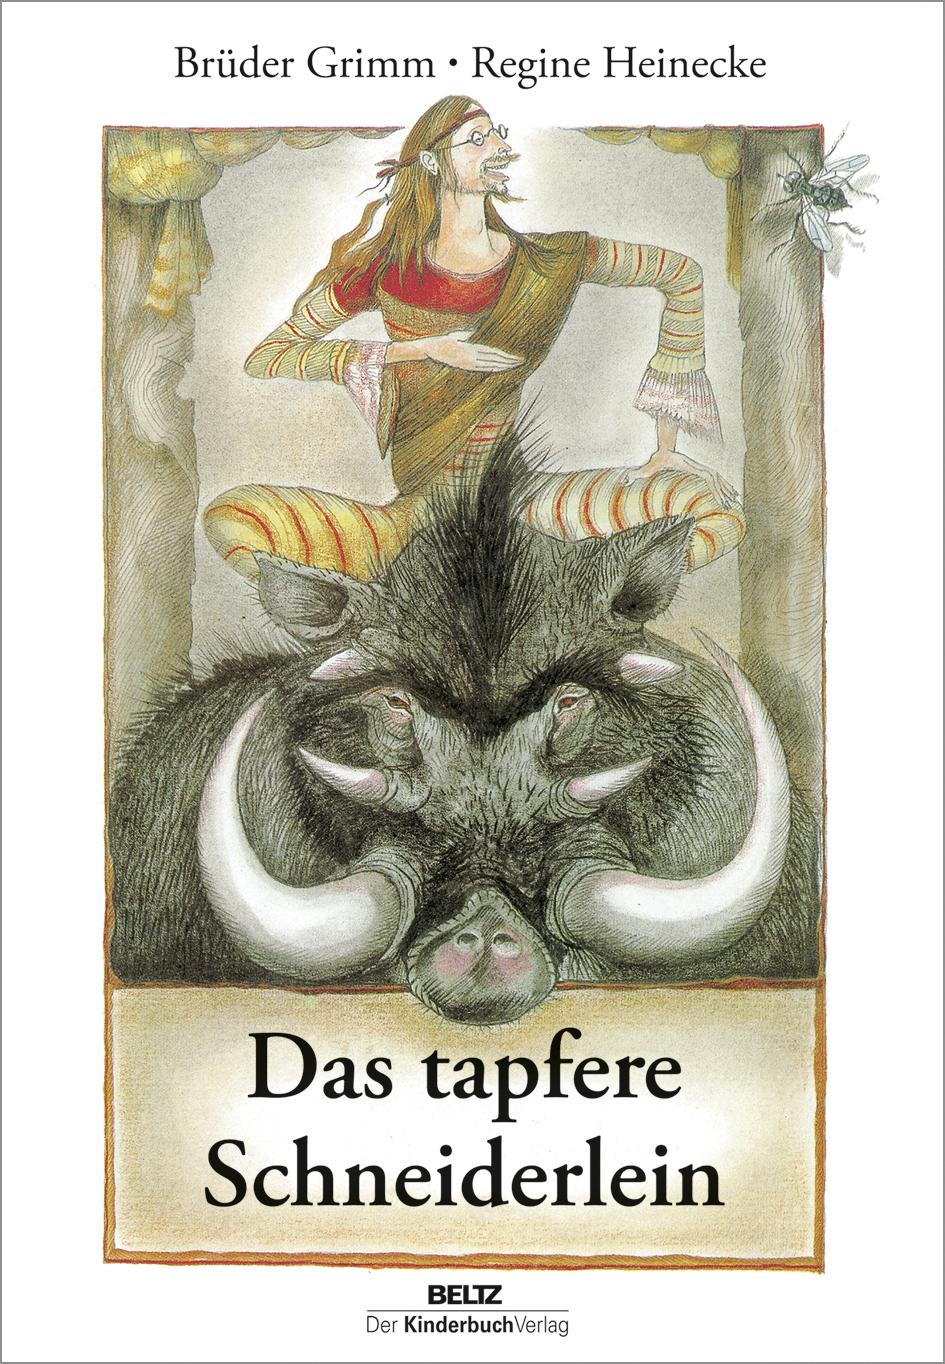 Fein Tapferes Malbuch Bilder - Malvorlagen-Ideen - printingontshirts ...